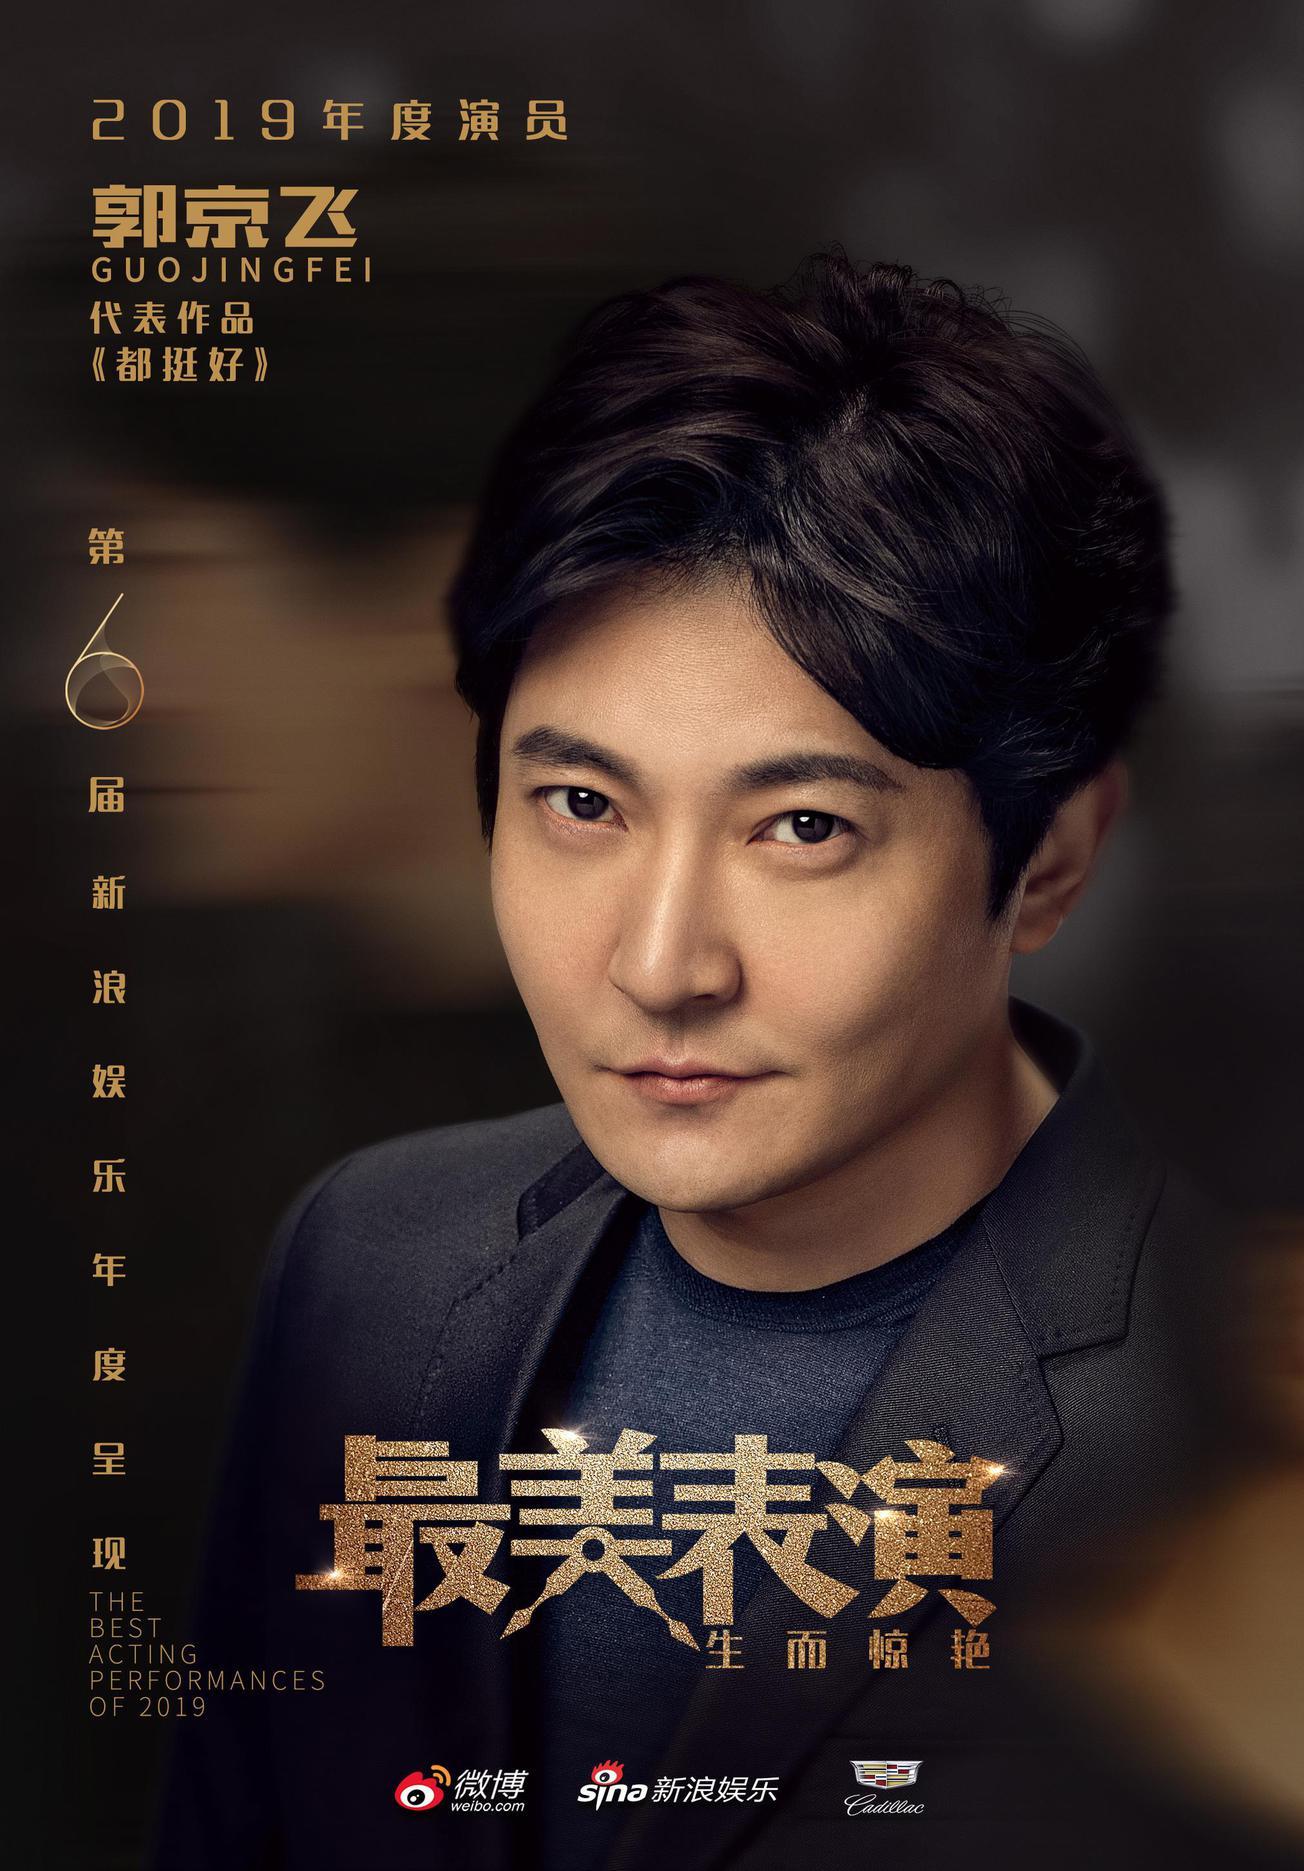 2019最美表演-郭京飞